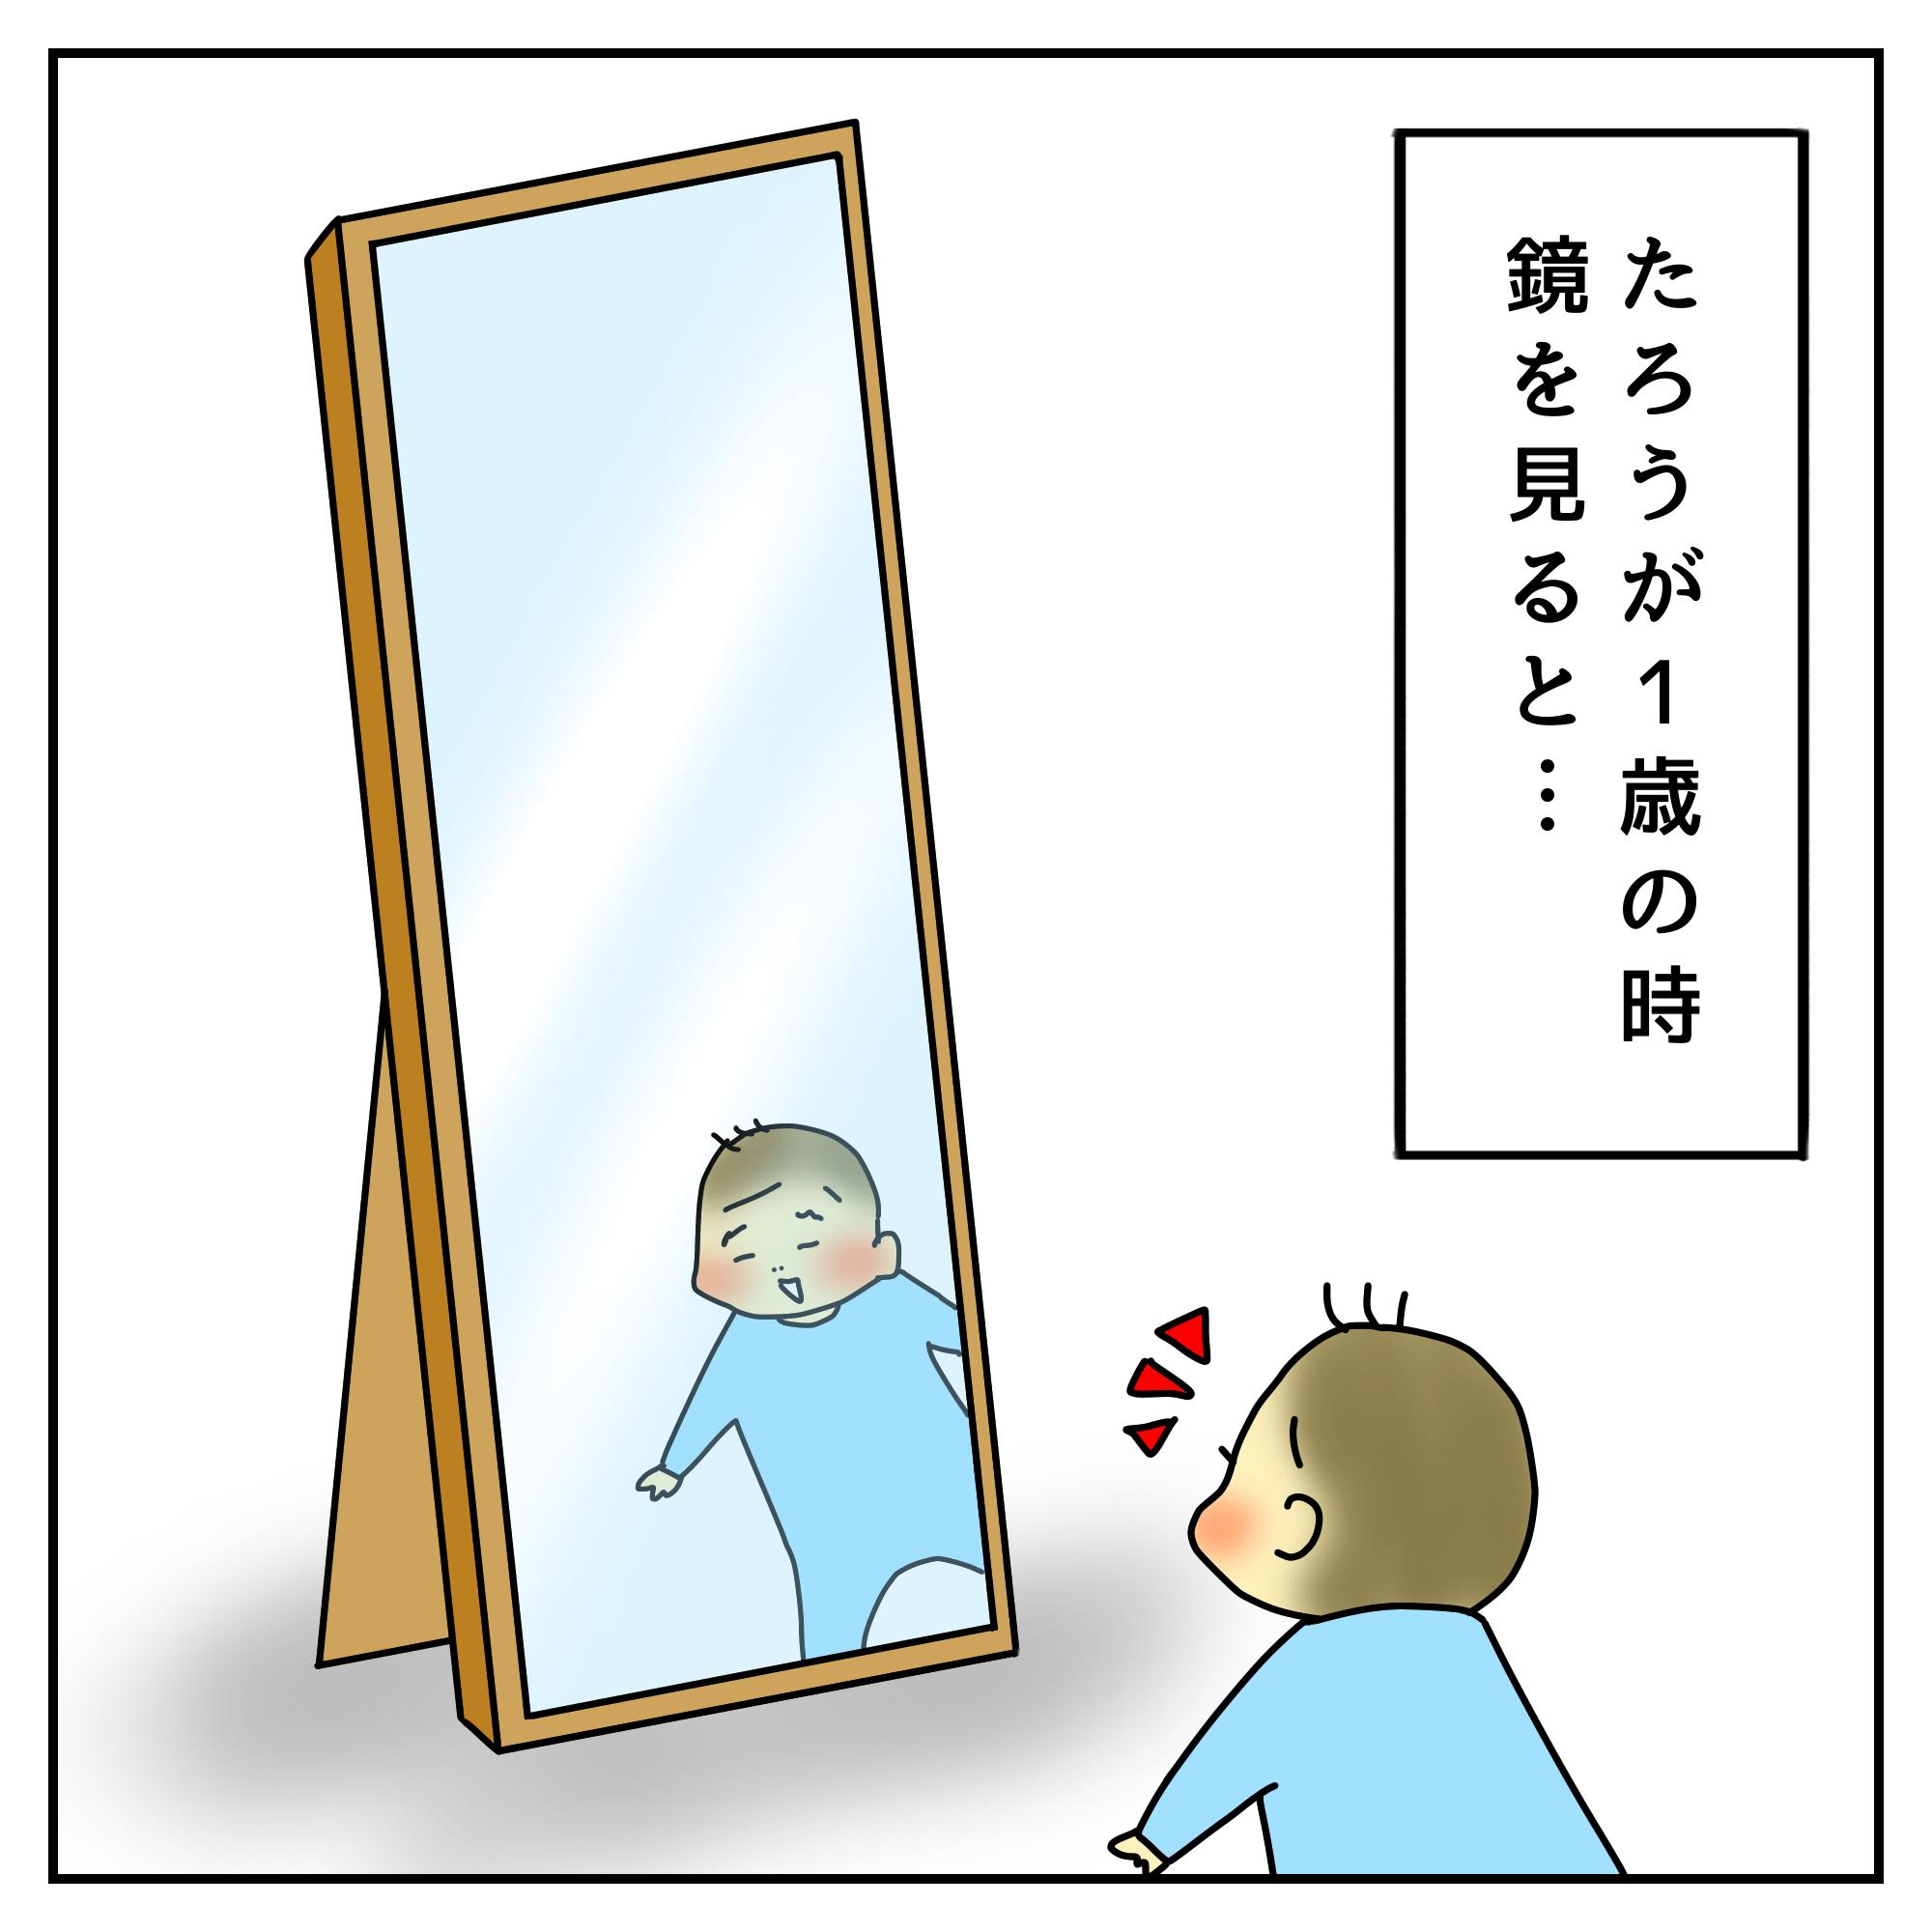 鏡を見たときのリアクションの差よ。 イタズラはなこがまた何か?#19